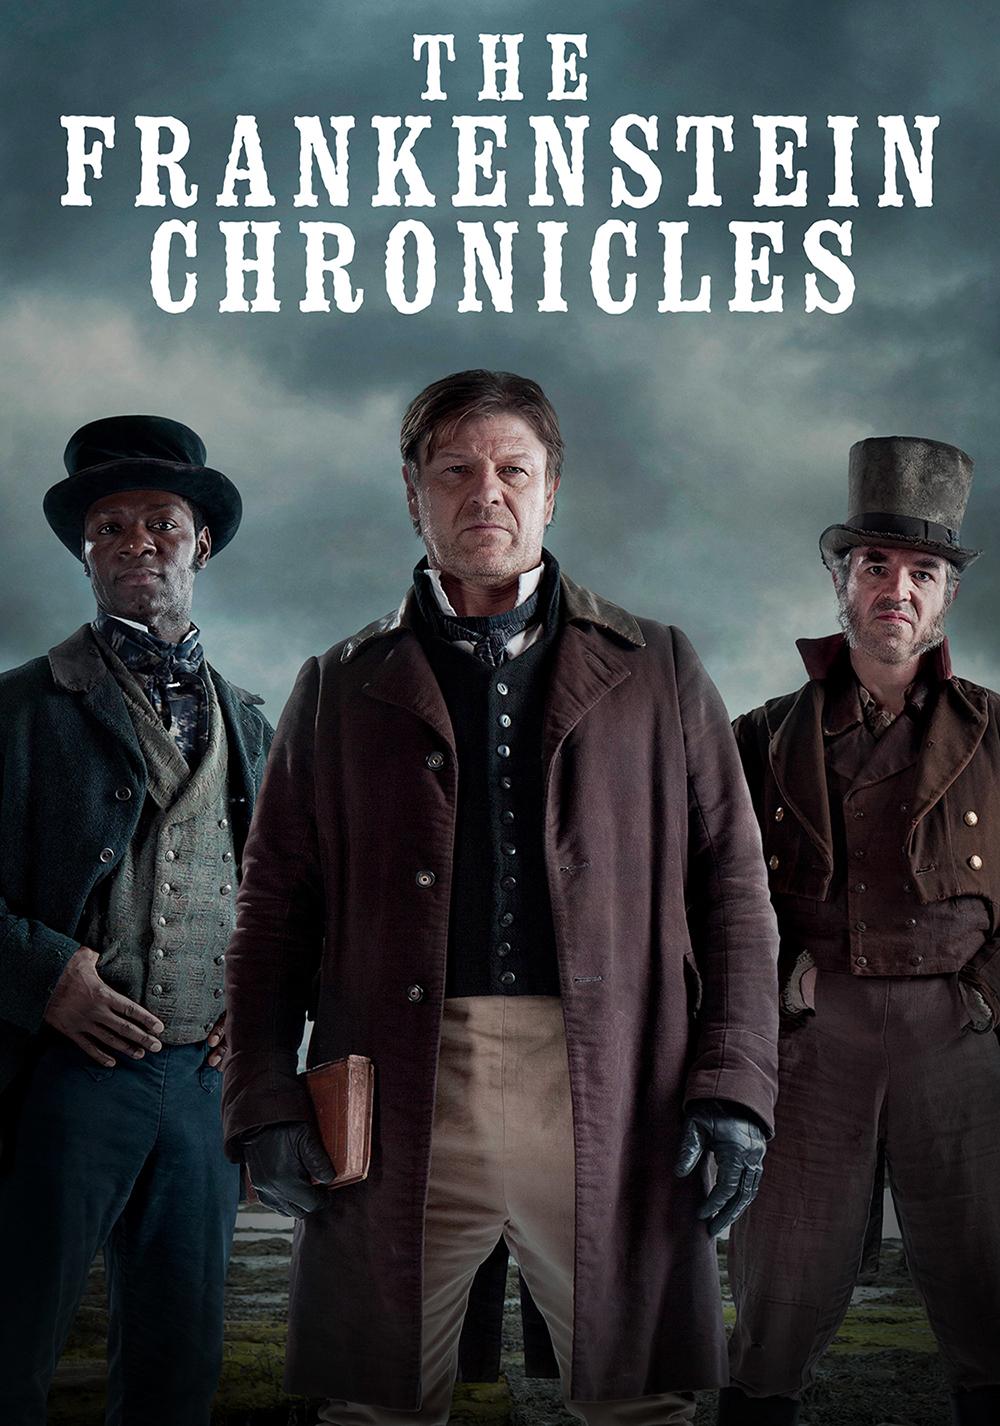 The Frankenstein Chronicles Imdb